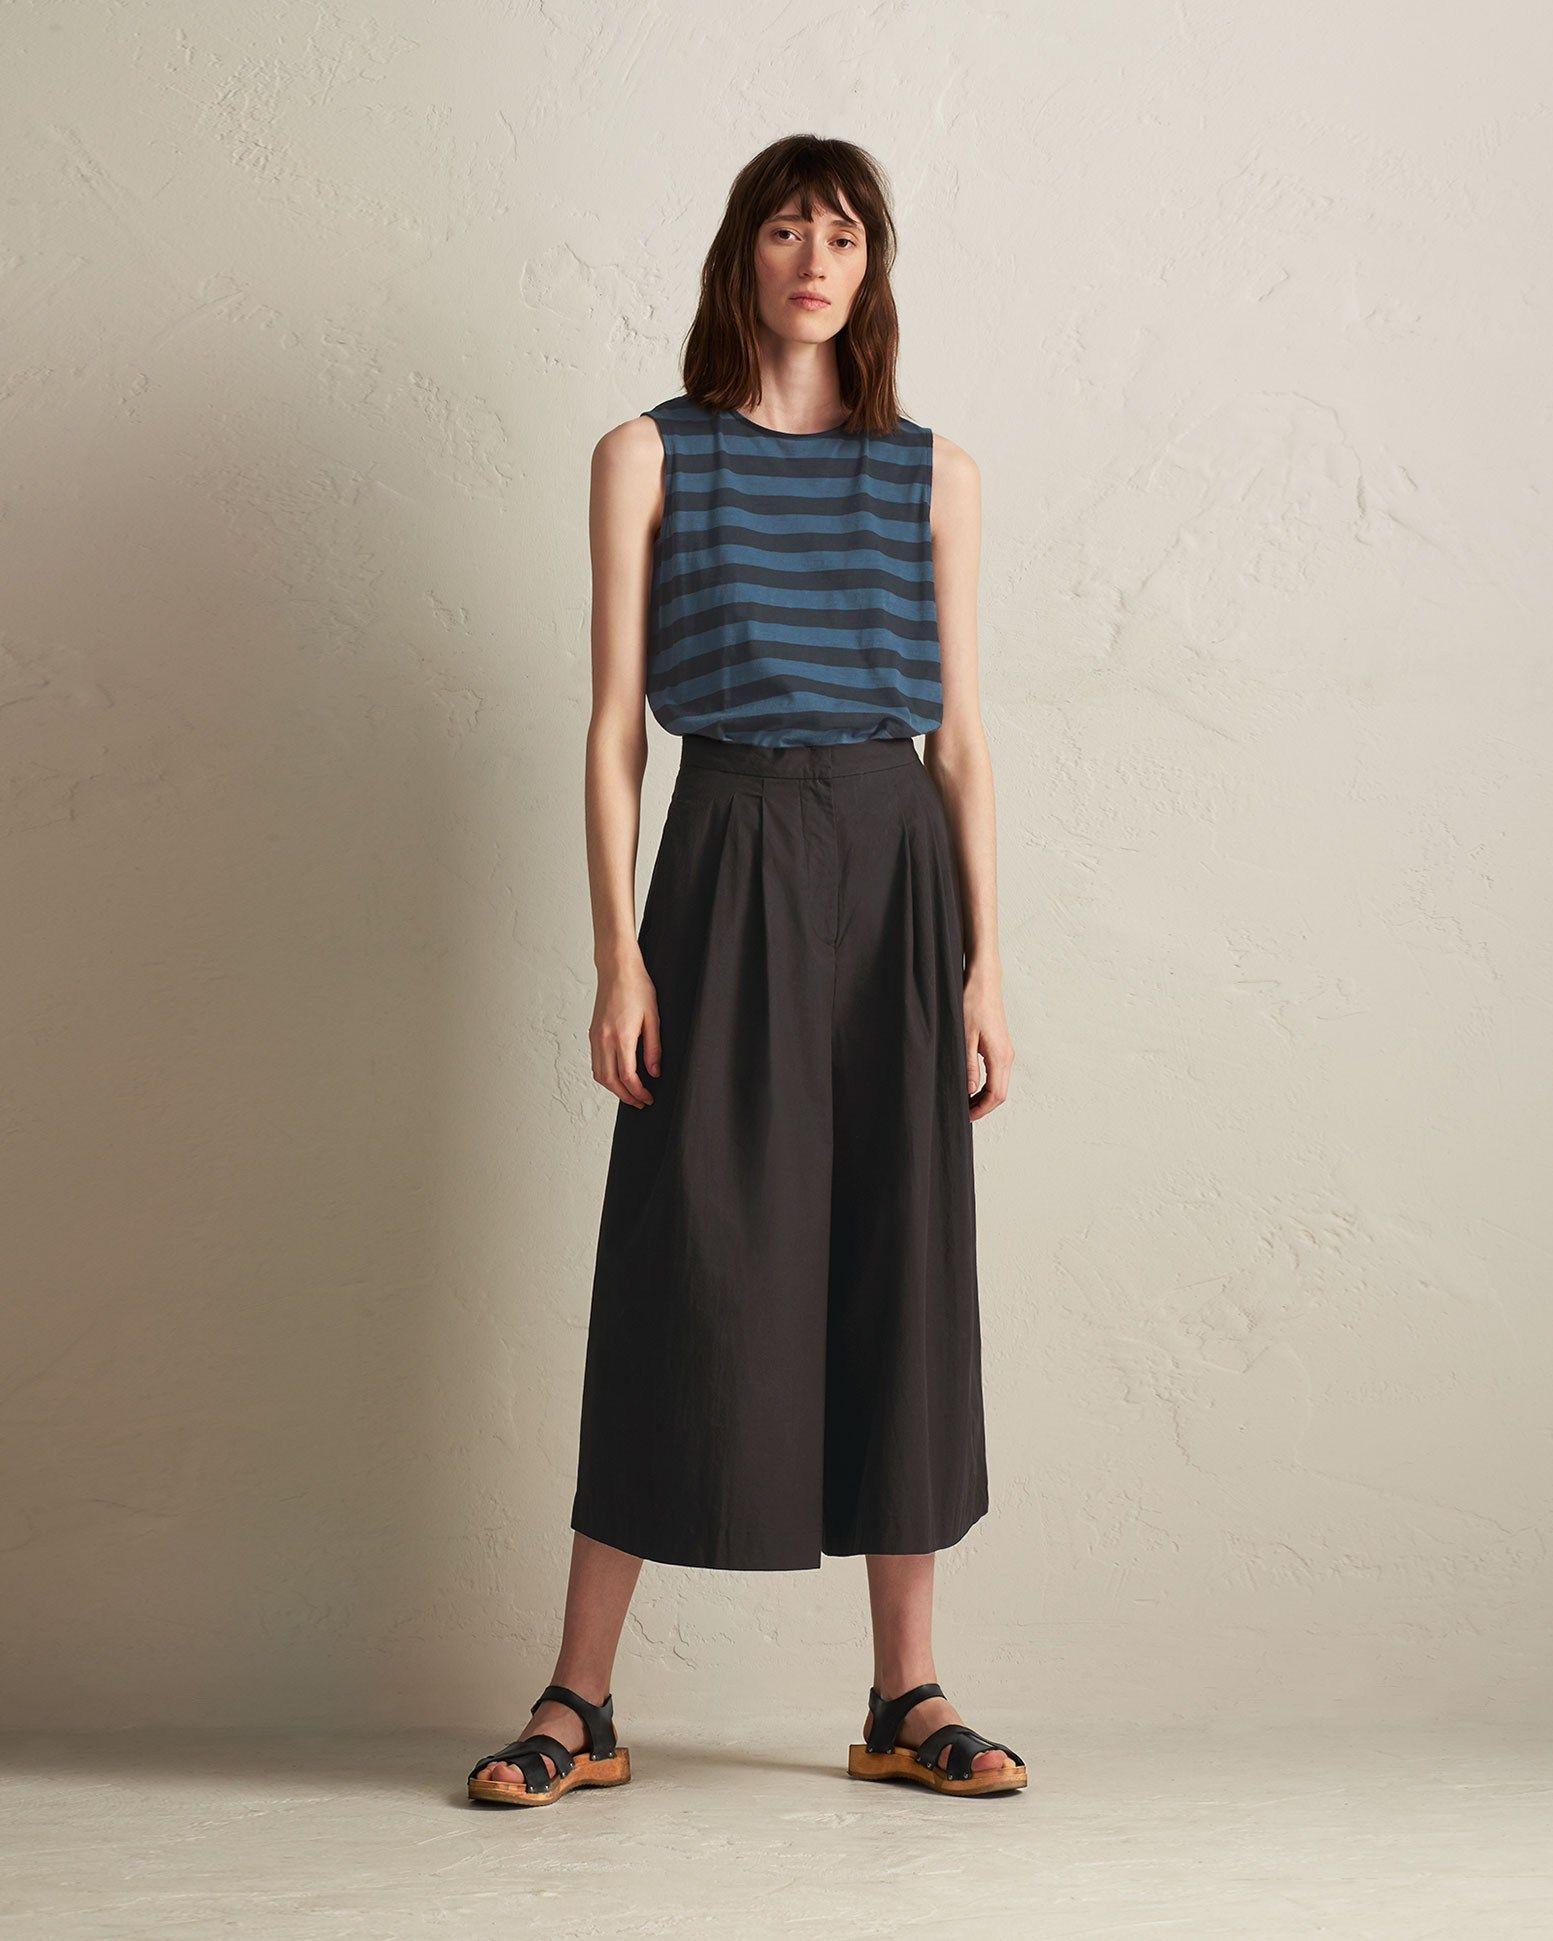 ca0d2f0074 COTTON POPLIN CULOTTE Poplin, Short Skirts, Fashion Forward, Crisp, Midi  Skirt,